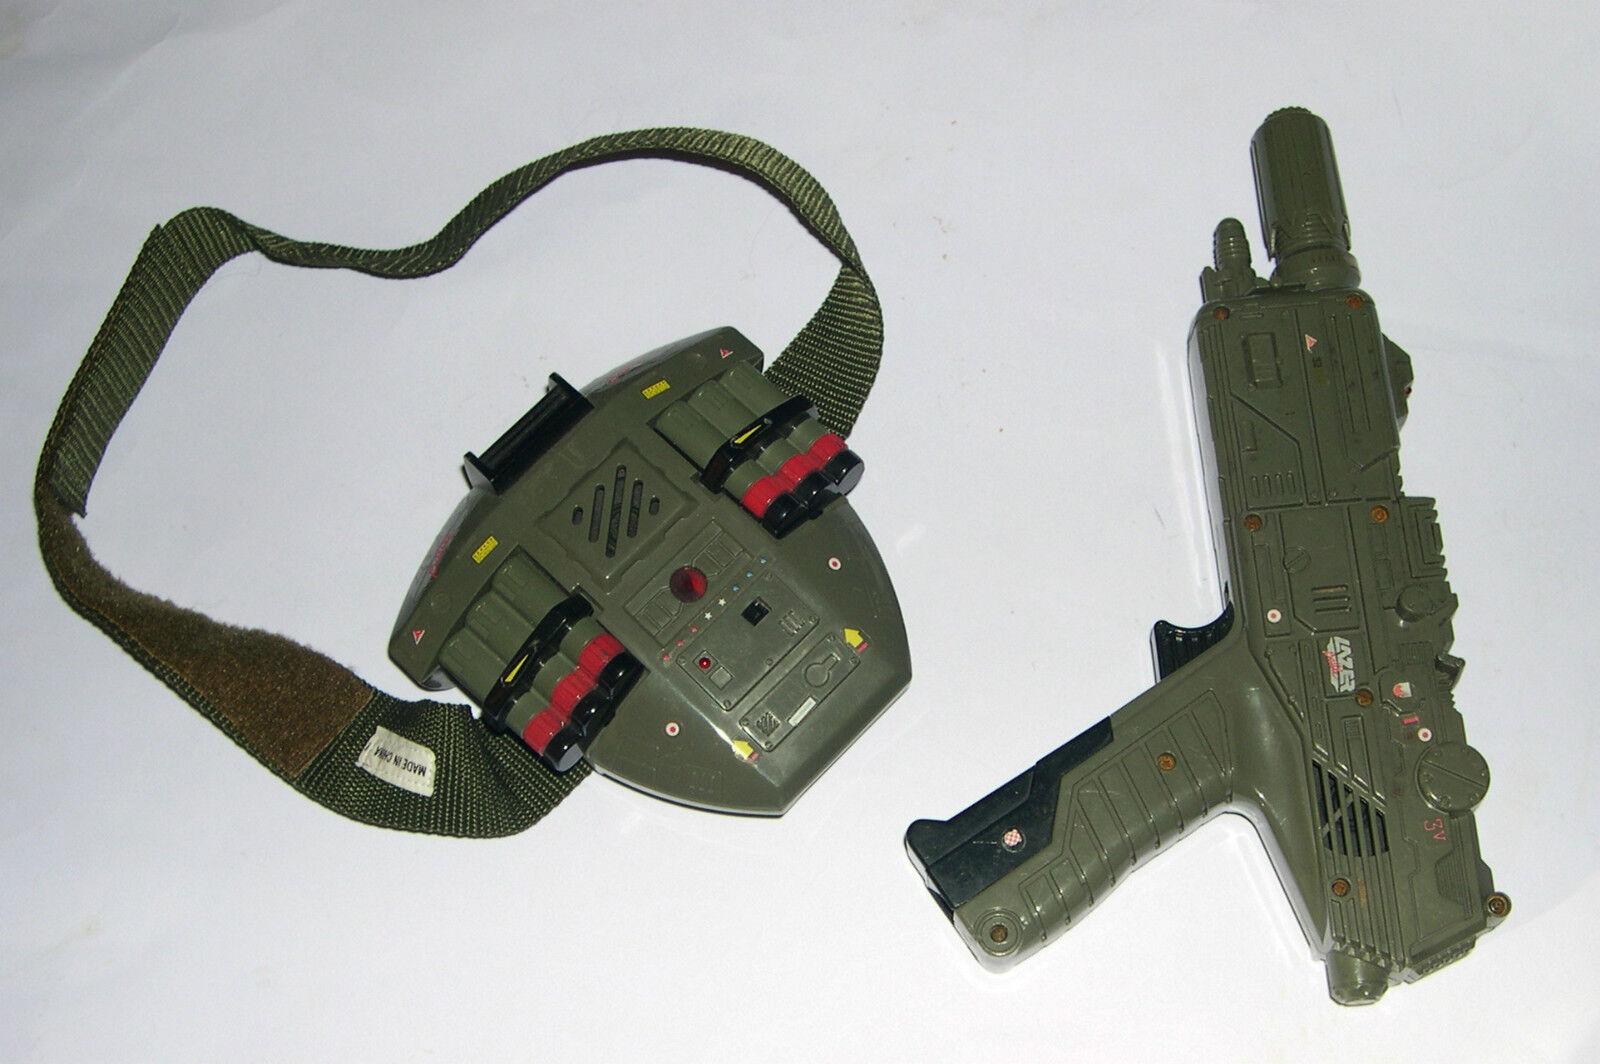 FULL SIZE GI Joe (NOT FOR ACTION FIGURE) Infra Red Laser Handgun and target set.